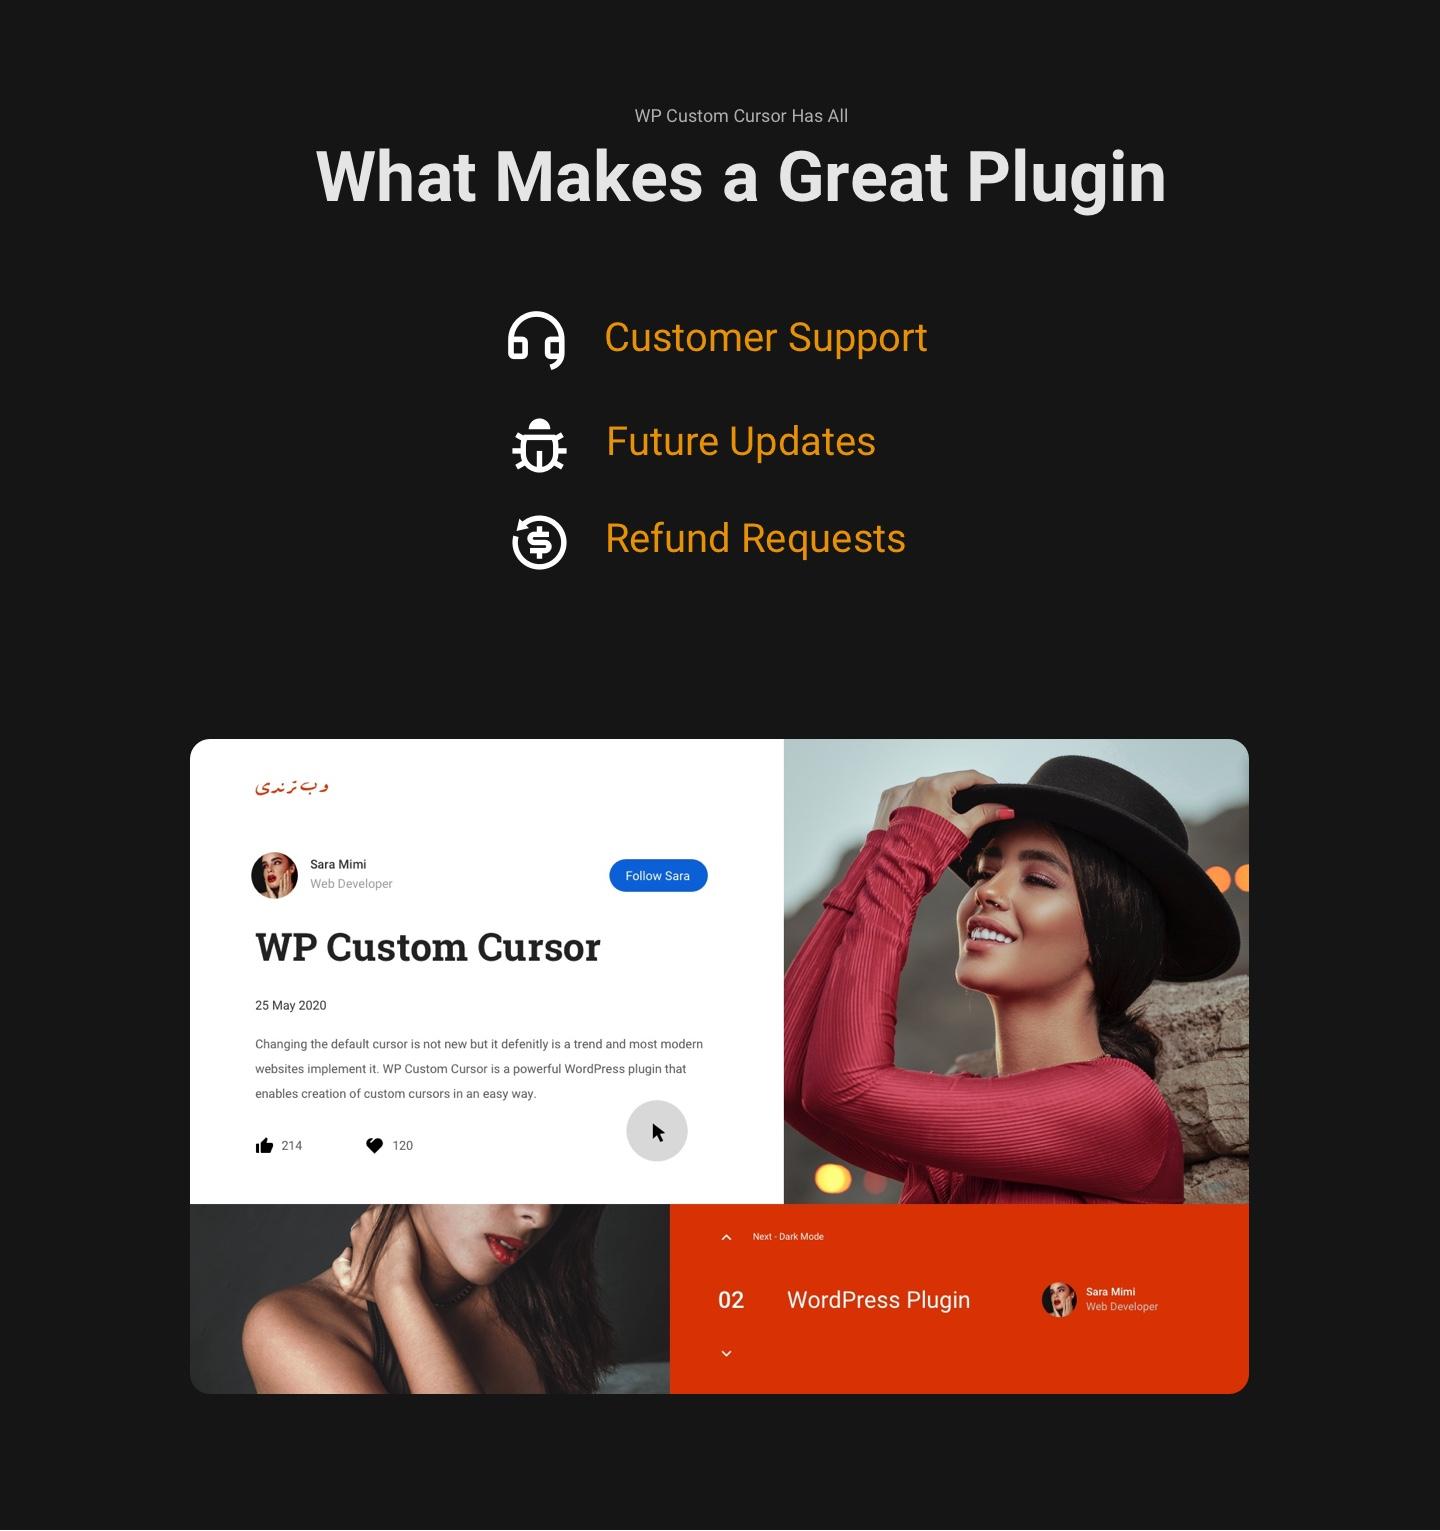 WP Custom Cursor | Customer Support